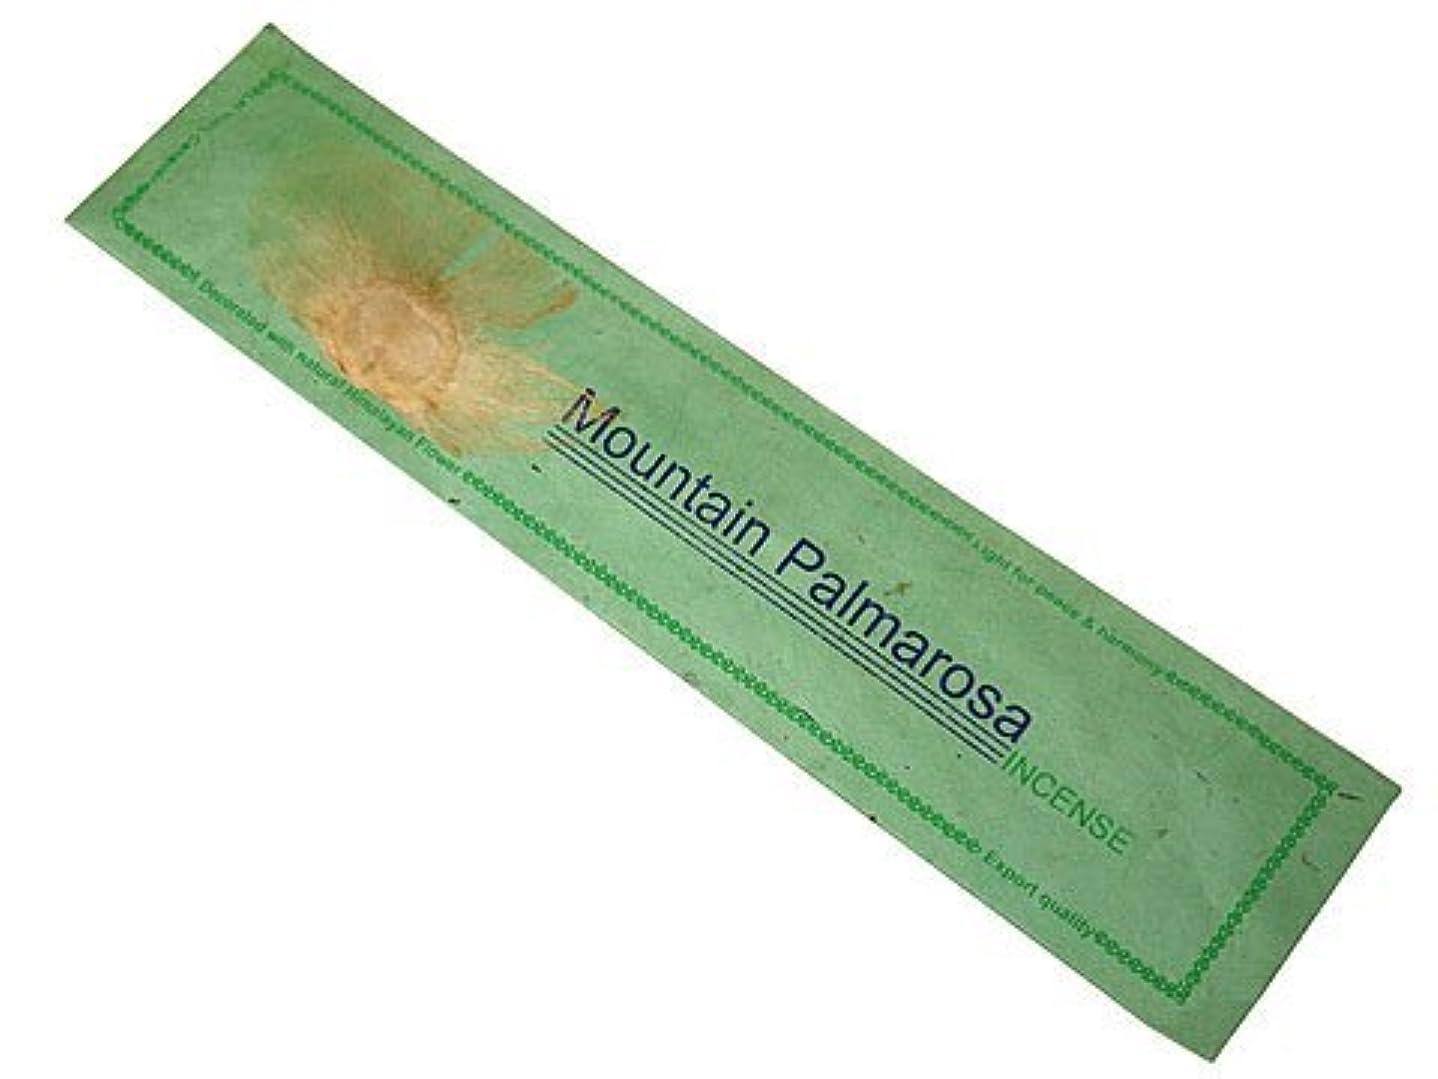 置換究極のオーブンNEPAL INCENSE ネパールのロクタ紙にヒマラヤの押し花のお香【MountainPalmarosaマウンテンパルマローザ】 スティック